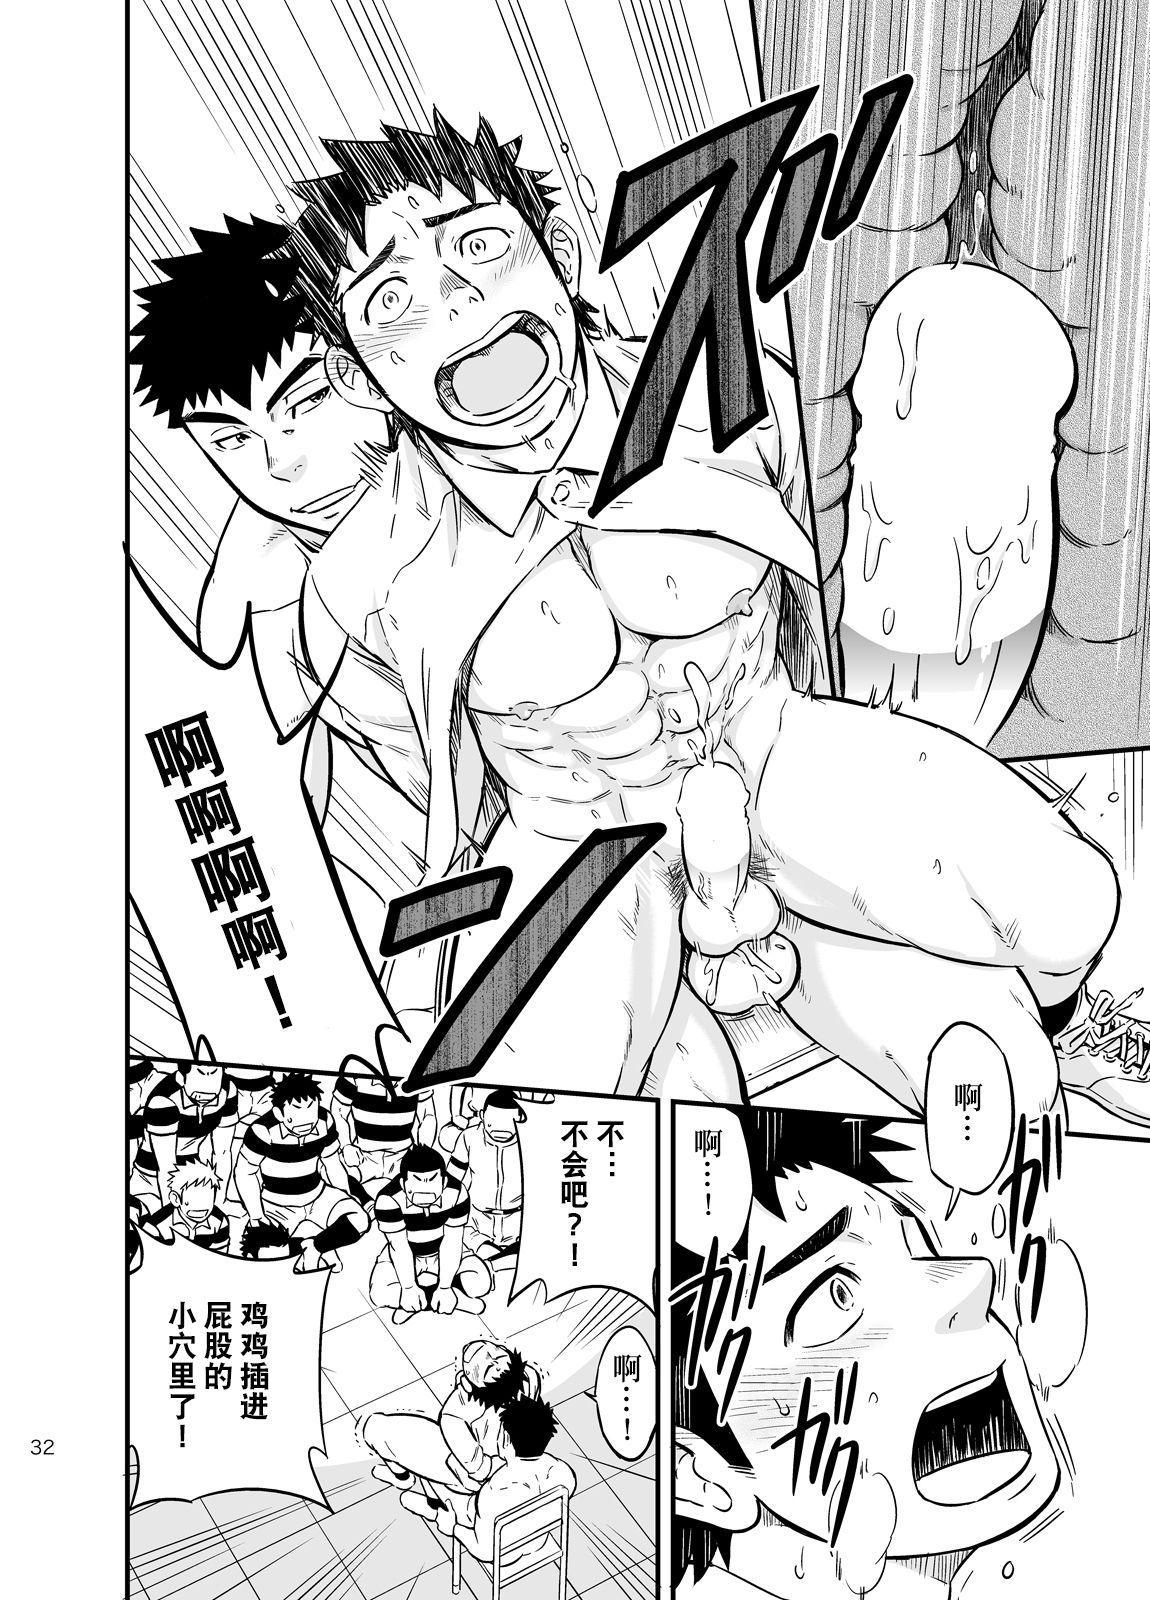 Moshimo Danshikou no Hoken Taiiku ga Jitsugi Ari Dattara 2 | 如果男校的保健体育课有实践环节的话 2 30